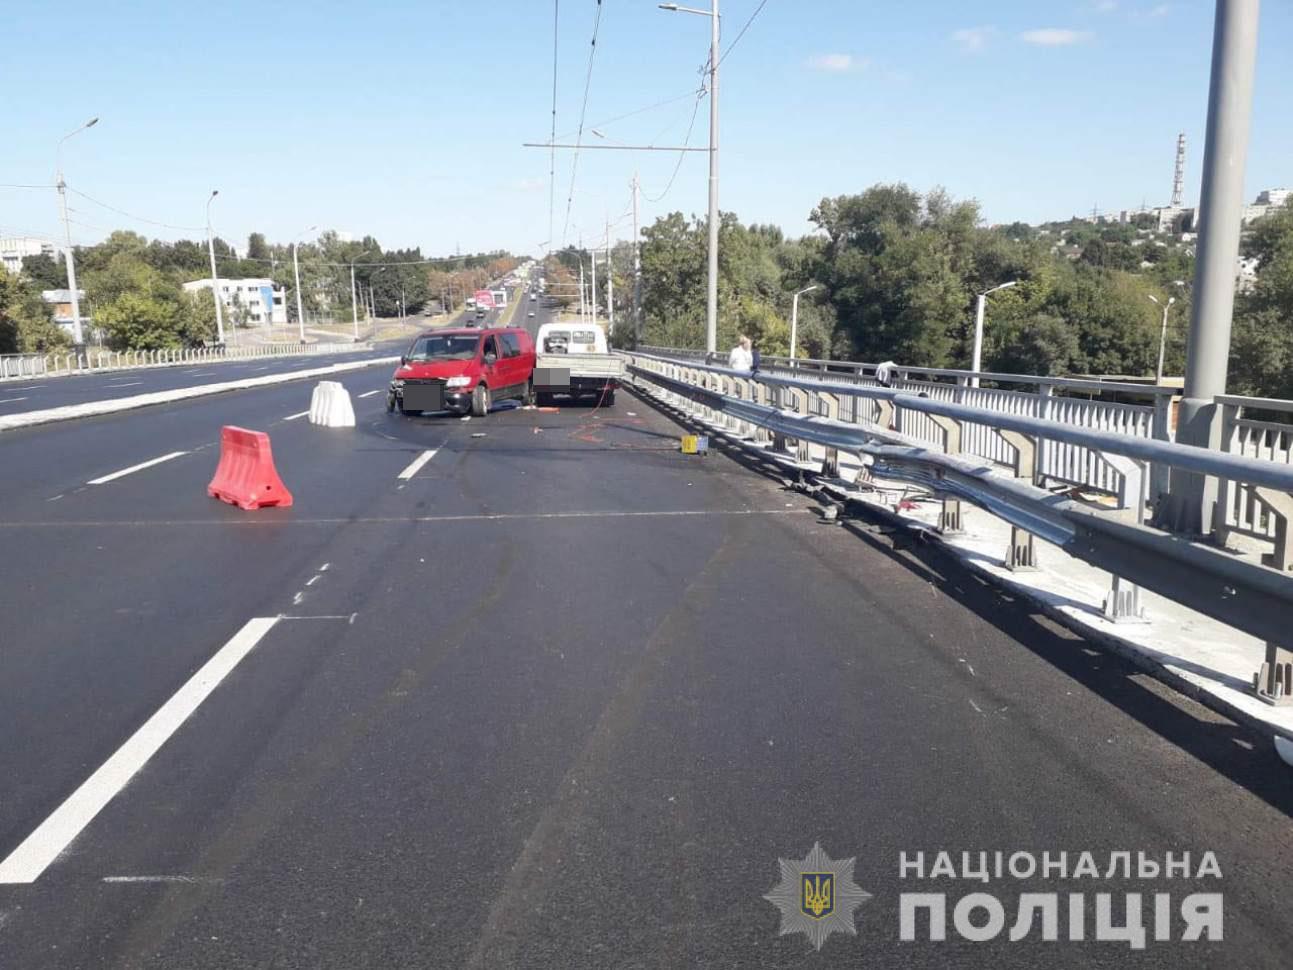 Пьяный водитель Mercedes сбил двух рабочих на Коммунальном мосту в Харькове (фото)